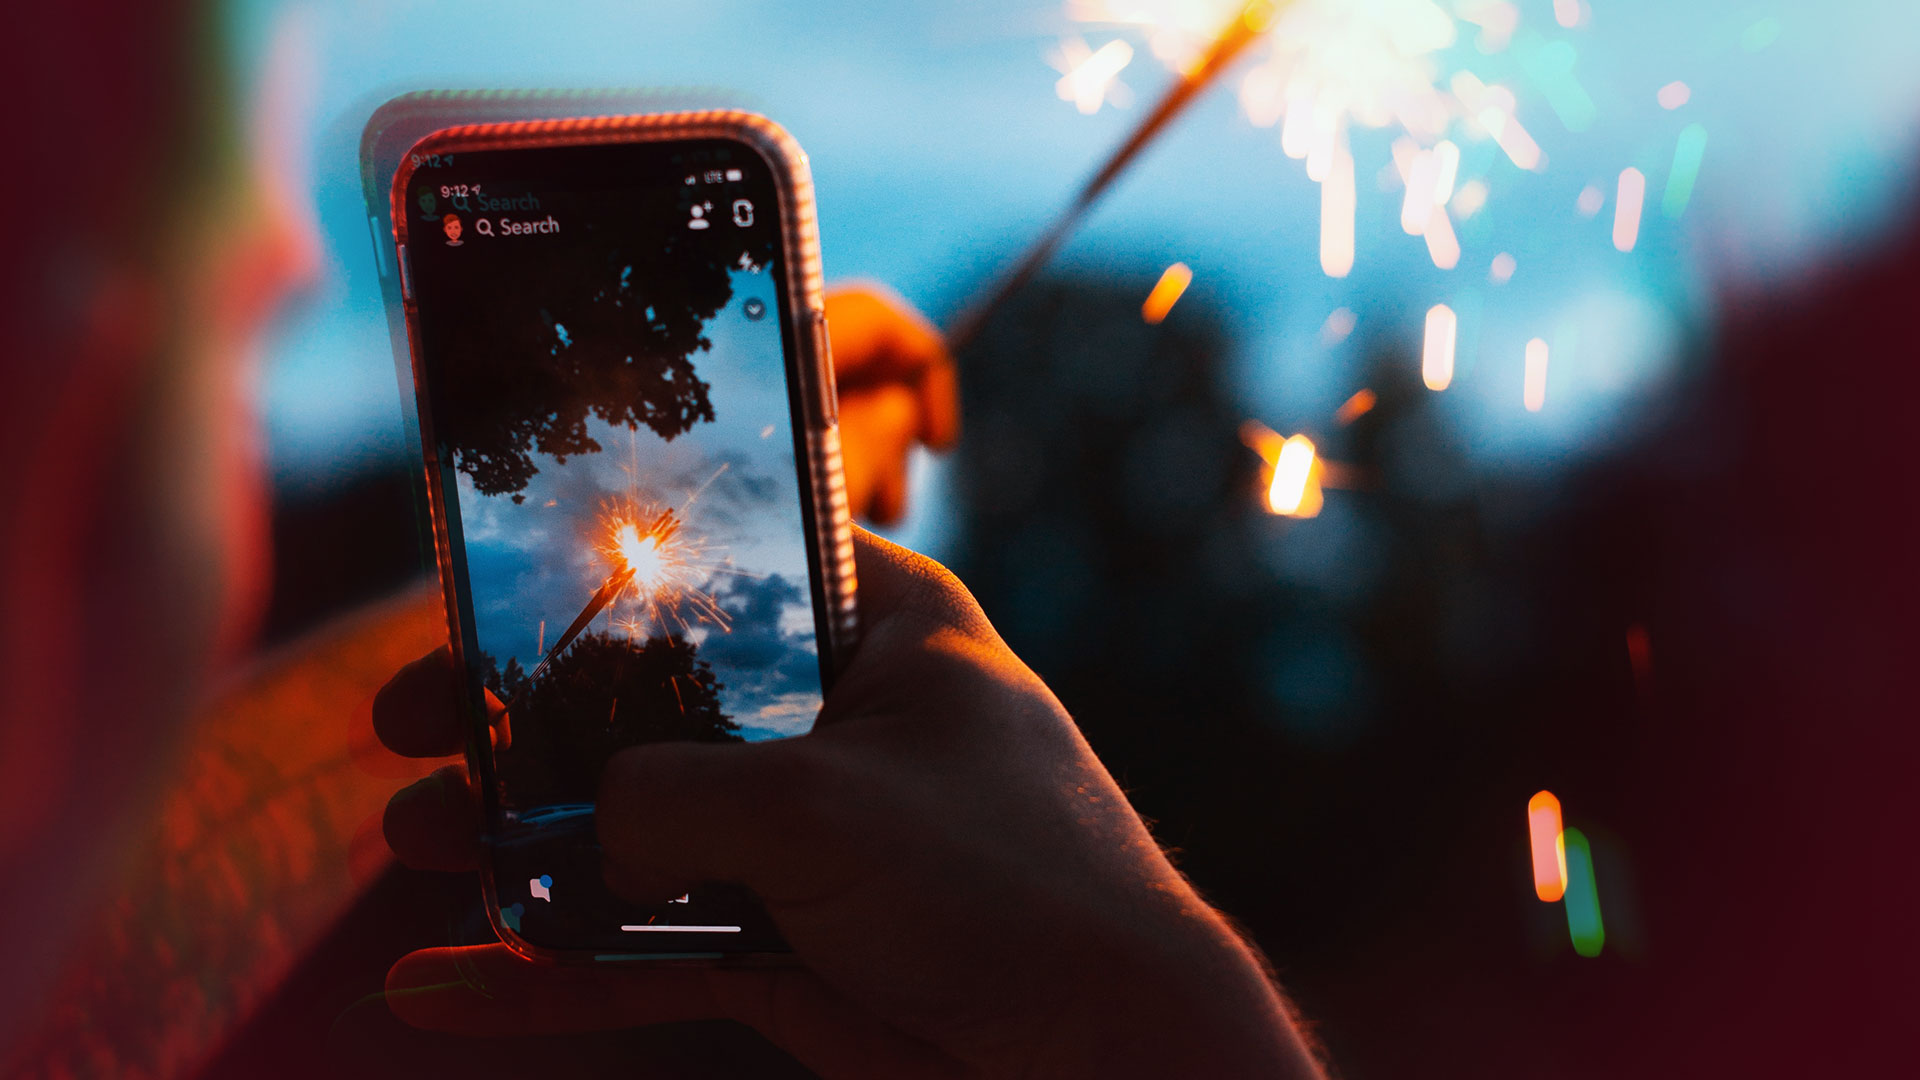 prendre une photo avec son téléphone avec un feu artifice dans l'écran